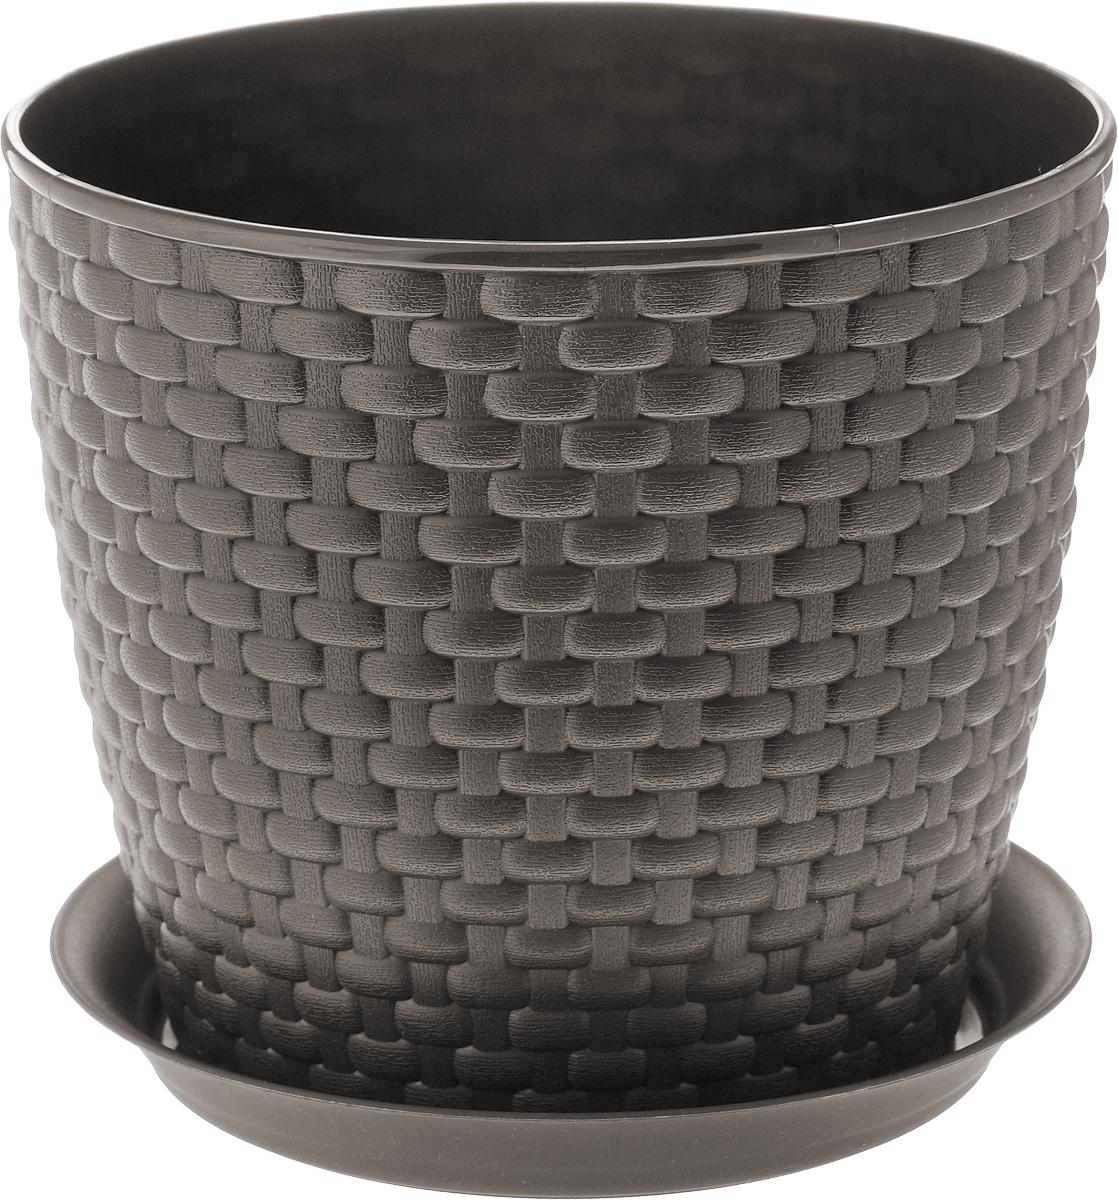 Кашпо Idea Ротанг, с поддоном, цвет: коричневый, 3 лМ 3082_коричневыйЛюбой, даже самый современный и продуманный интерьер будет не завершённым без растений. Они не только очищают воздух и насыщают его кислородом, но и заметно украшают окружающее пространство. Такому полезному &laquo члену семьи&raquoпросто необходимо красивое и функциональное кашпо, оригинальный горшок или необычная ваза! Мы предлагаем - Кашпо с поддоном 3 л Ротанг, цвет коричневый!Оптимальный выбор материала &mdash &nbsp пластмасса! Почему мы так считаем? Малый вес. С лёгкостью переносите горшки и кашпо с места на место, ставьте их на столики или полки, подвешивайте под потолок, не беспокоясь о нагрузке. Простота ухода. Пластиковые изделия не нуждаются в специальных условиях хранения. Их&nbsp легко чистить &mdashдостаточно просто сполоснуть тёплой водой. Никаких царапин. Пластиковые кашпо не царапают и не загрязняют поверхности, на которых стоят. Пластик дольше хранит влагу, а значит &mdashрастение реже нуждается в поливе. Пластмасса не пропускает воздух &mdashкорневой системе растения не грозят резкие перепады температур. Огромный выбор форм, декора и расцветок &mdashвы без труда подберёте что-то, что идеально впишется в уже существующий интерьер.Соблюдая нехитрые правила ухода, вы можете заметно продлить срок службы горшков, вазонов и кашпо из пластика: всегда учитывайте размер кроны и корневой системы растения (при разрастании большое растение способно повредить маленький горшок)берегите изделие от воздействия прямых солнечных лучей, чтобы кашпо и горшки не выцветалидержите кашпо и горшки из пластика подальше от нагревающихся поверхностей.Создавайте прекрасные цветочные композиции, выращивайте рассаду или необычные растения, а низкие цены позволят вам не ограничивать себя в выборе.